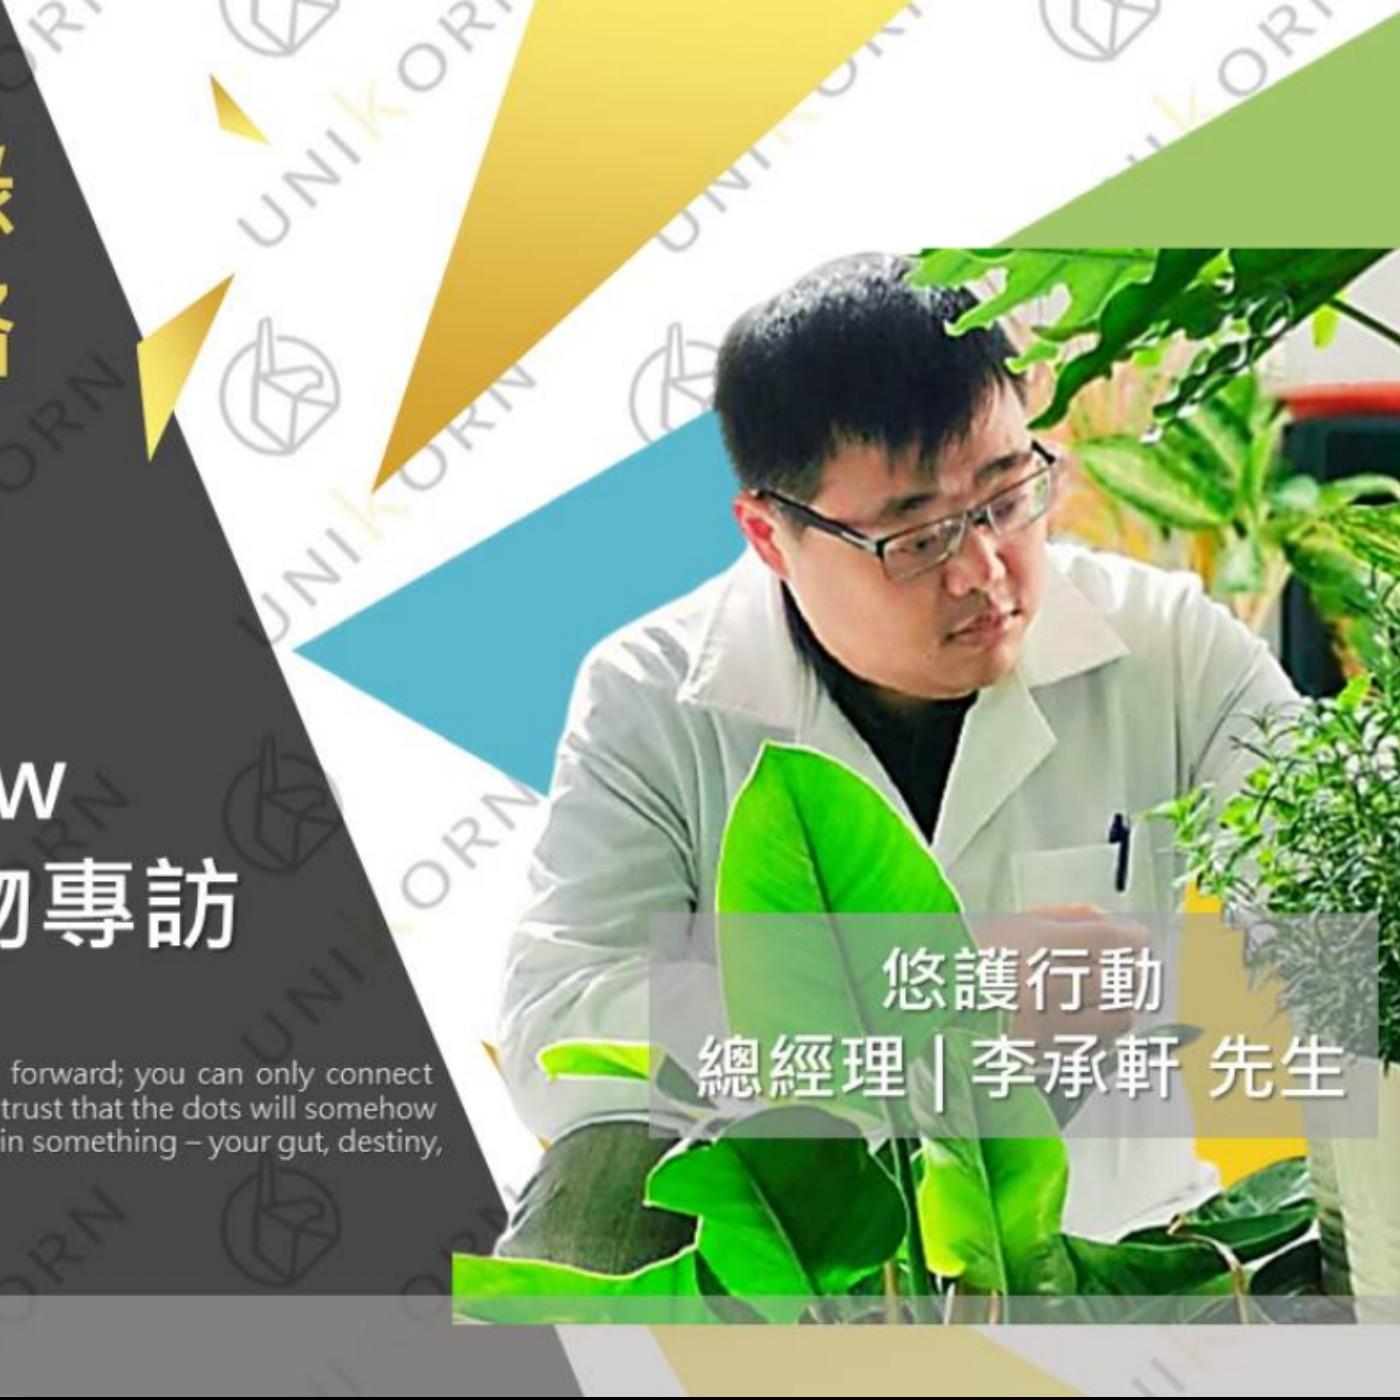 EP242 我創業我獨角 | 創業專訪 #悠護行動 | 總經理 | 李承軒